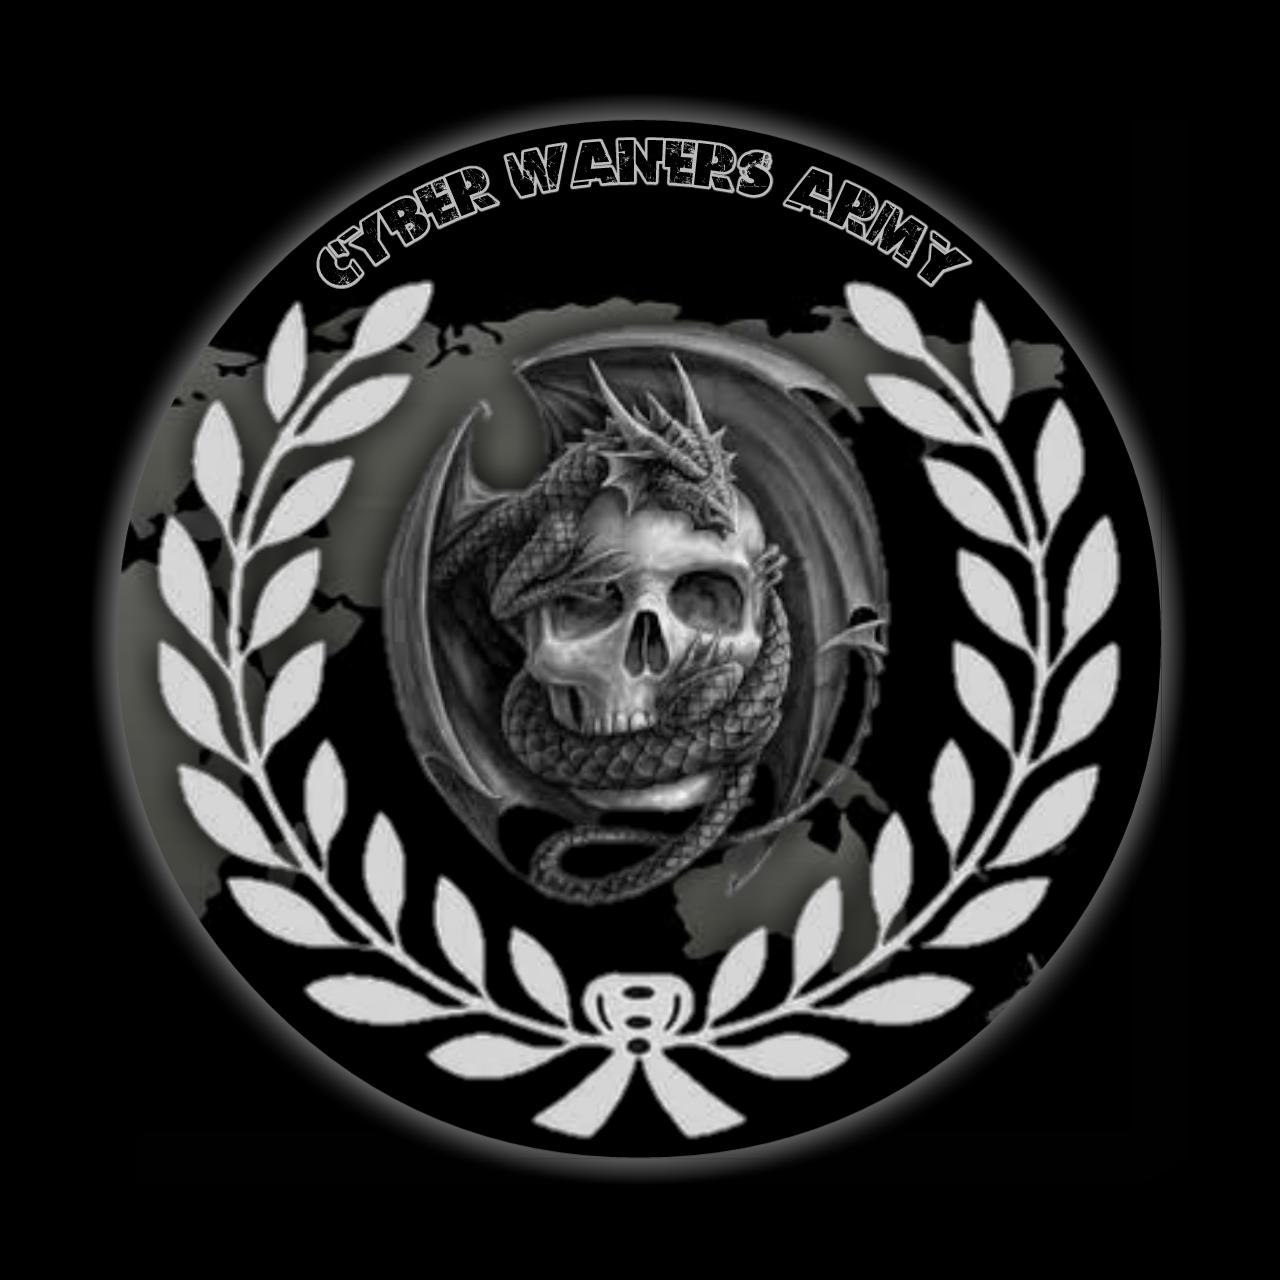 SHELL CYBER WANERS ARMY - Pastebin com